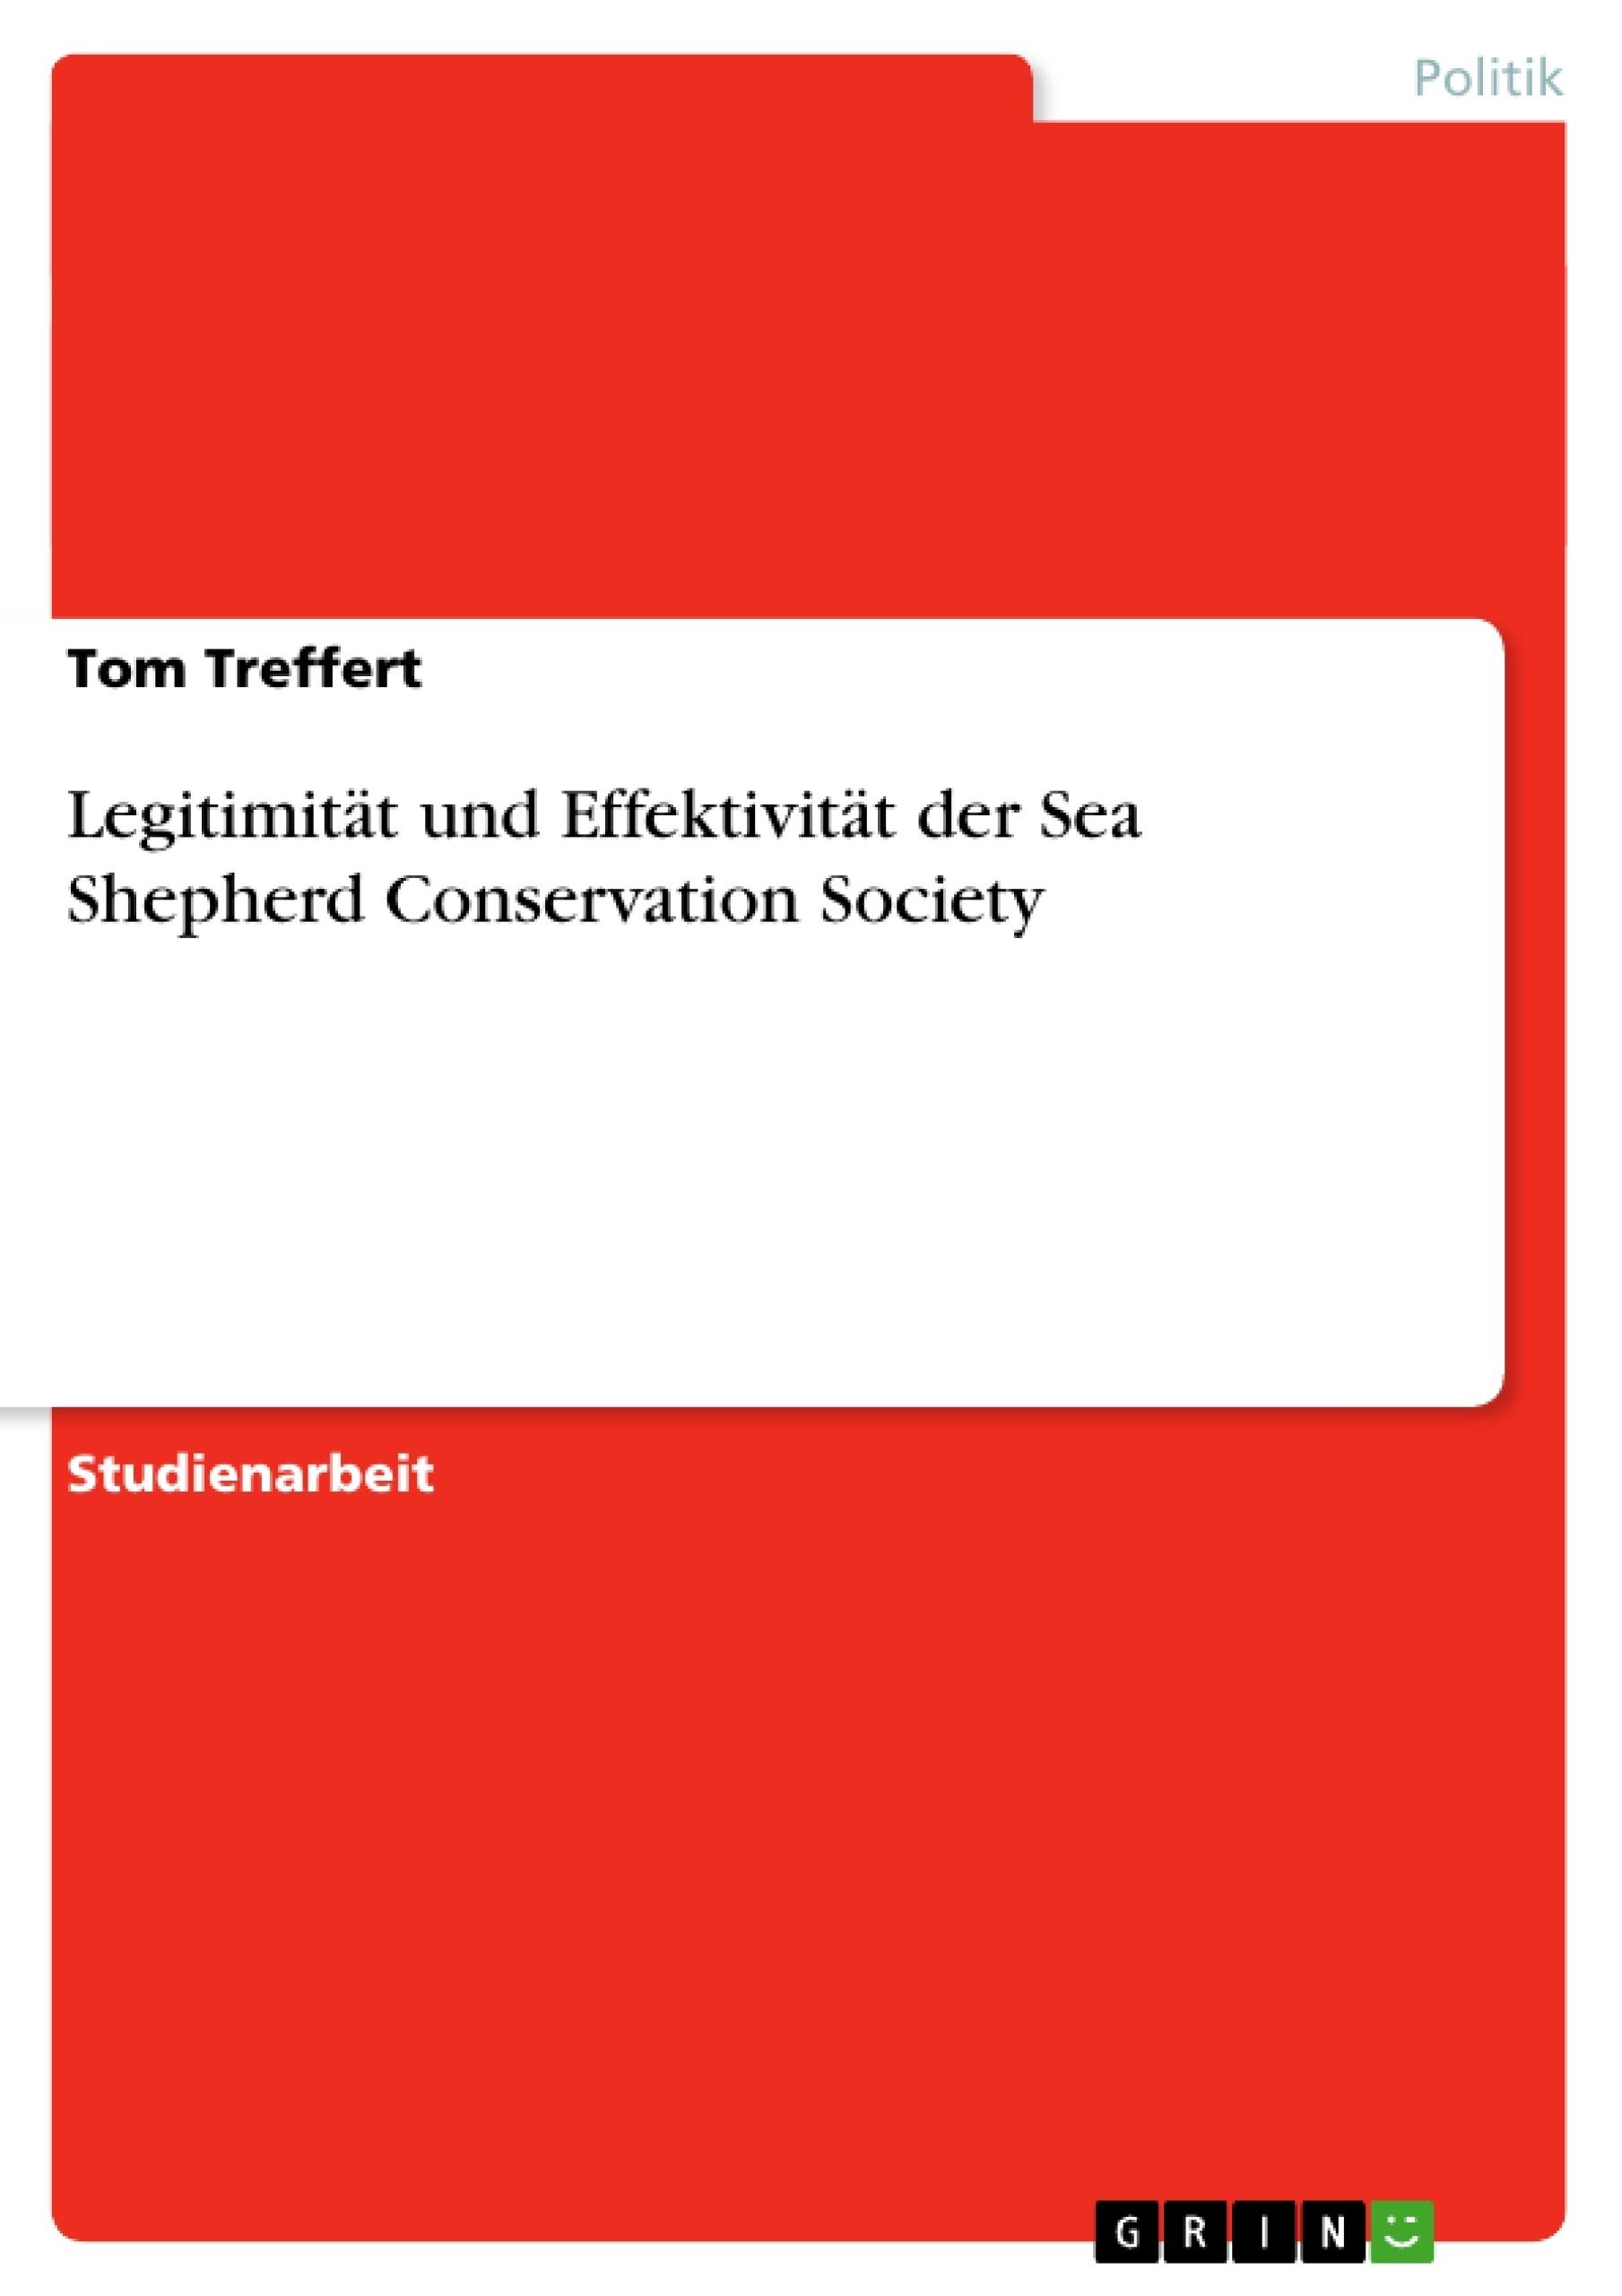 Titel: Legitimität und Effektivität der Sea Shepherd Conservation Society